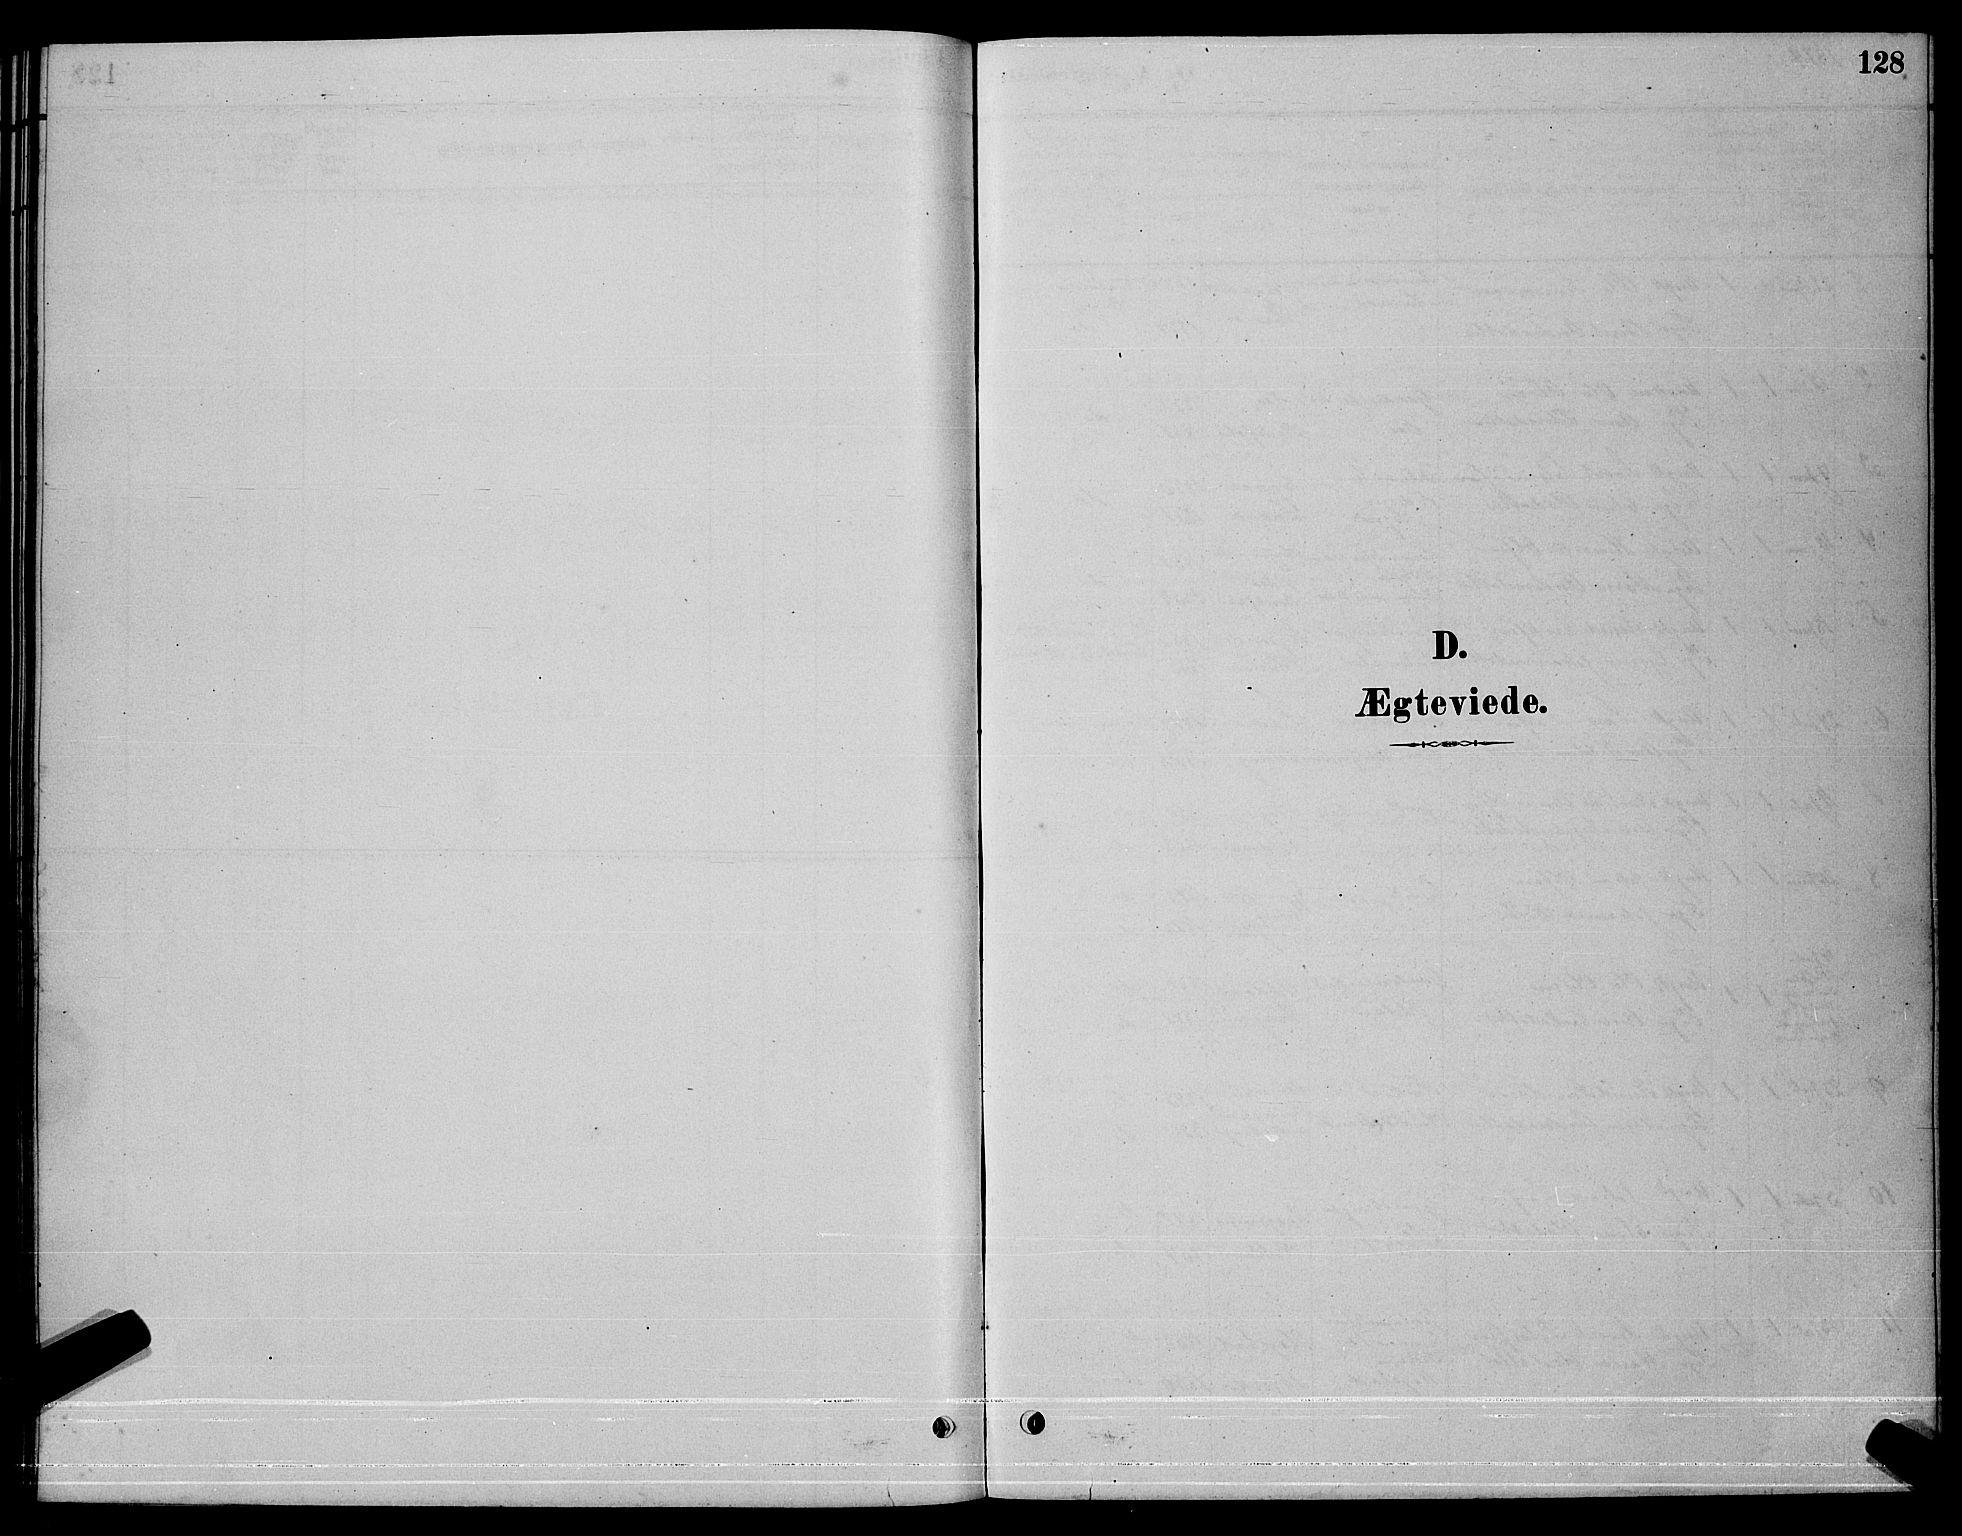 SAT, Ministerialprotokoller, klokkerbøker og fødselsregistre - Sør-Trøndelag, 630/L0504: Klokkerbok nr. 630C02, 1879-1898, s. 128